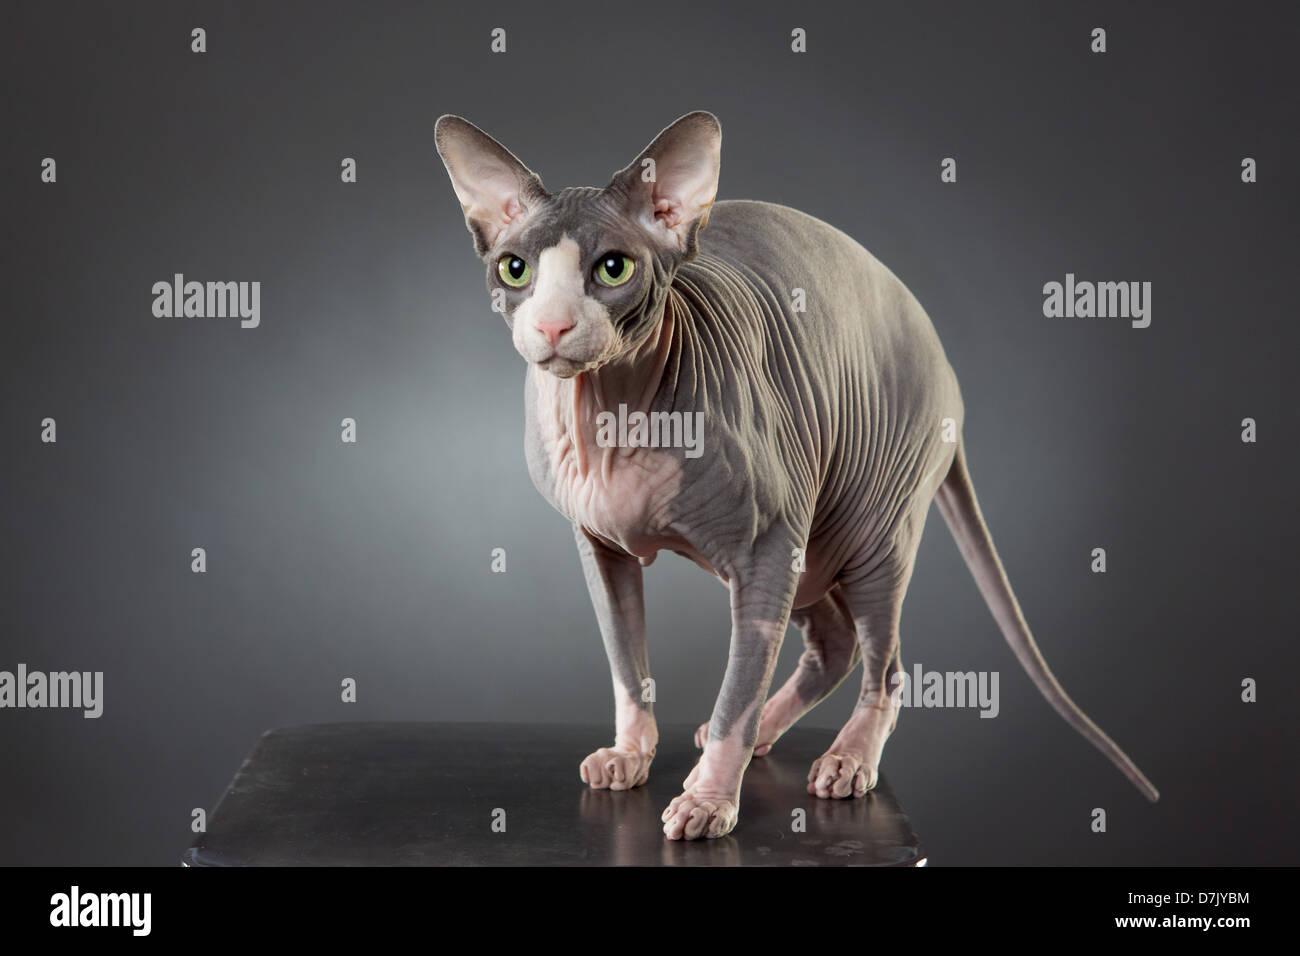 Ritratto di alert glabre di colore grigio pallido Spinx cat in piedi poste in studio Immagini Stock